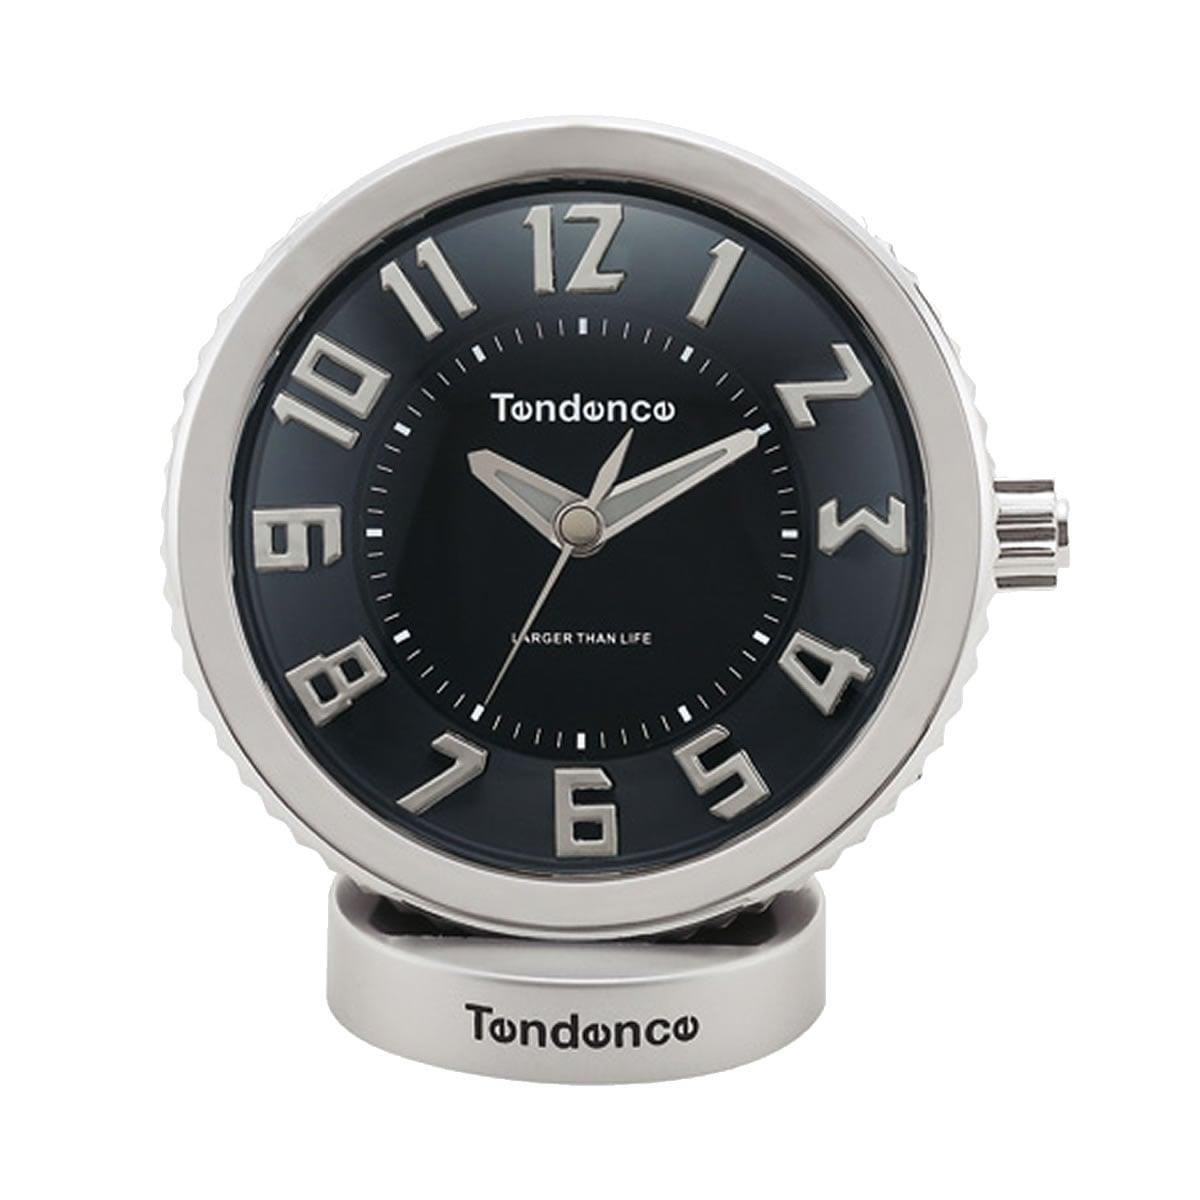 テンデンス テーブルクロック tp429913